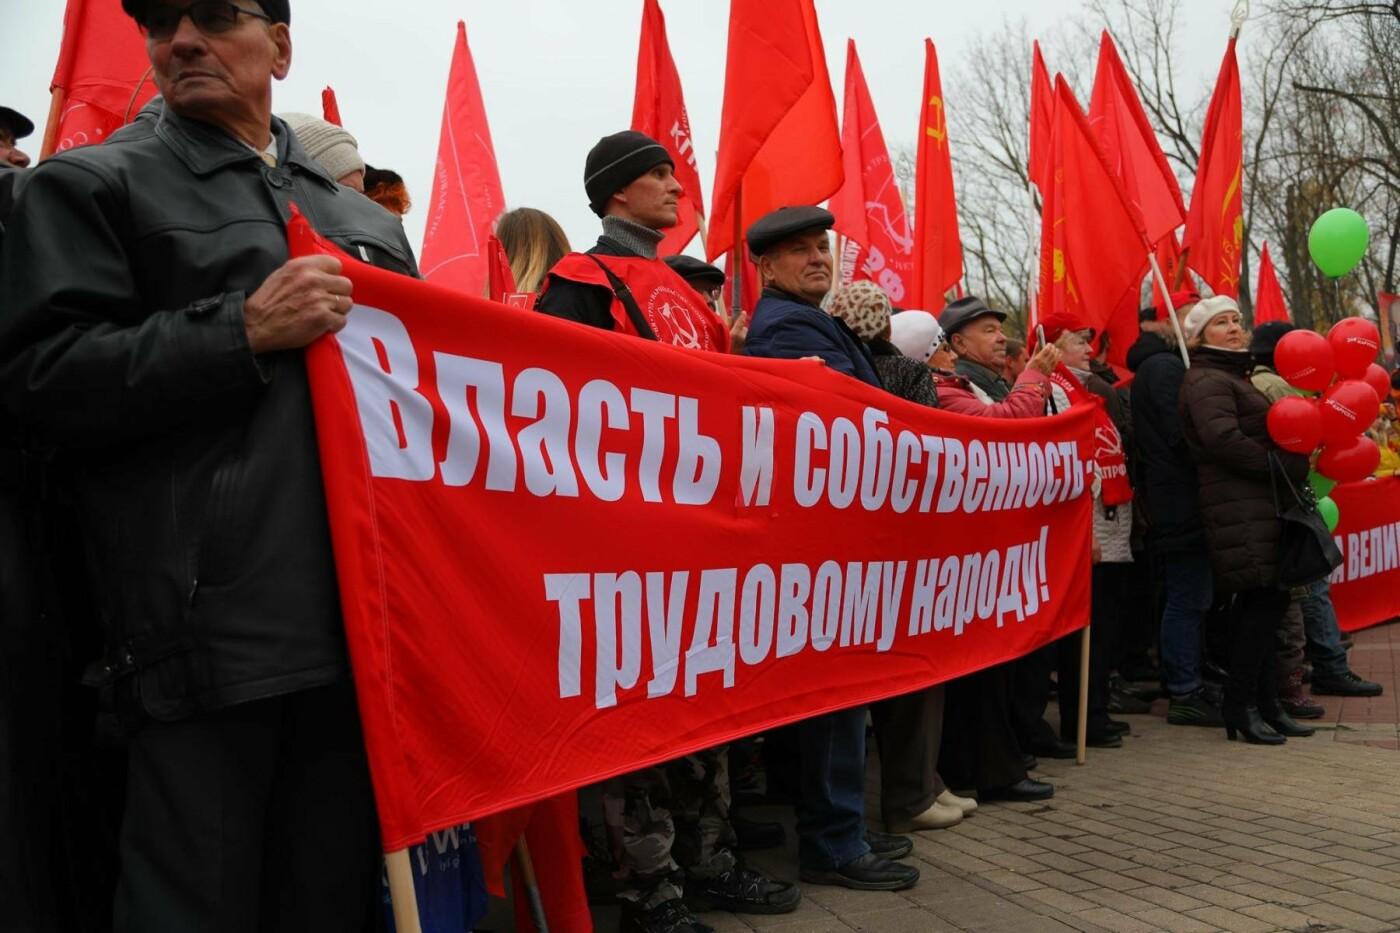 В парке Победы прошла демонстрация в честь 100-летия революции, фото-10